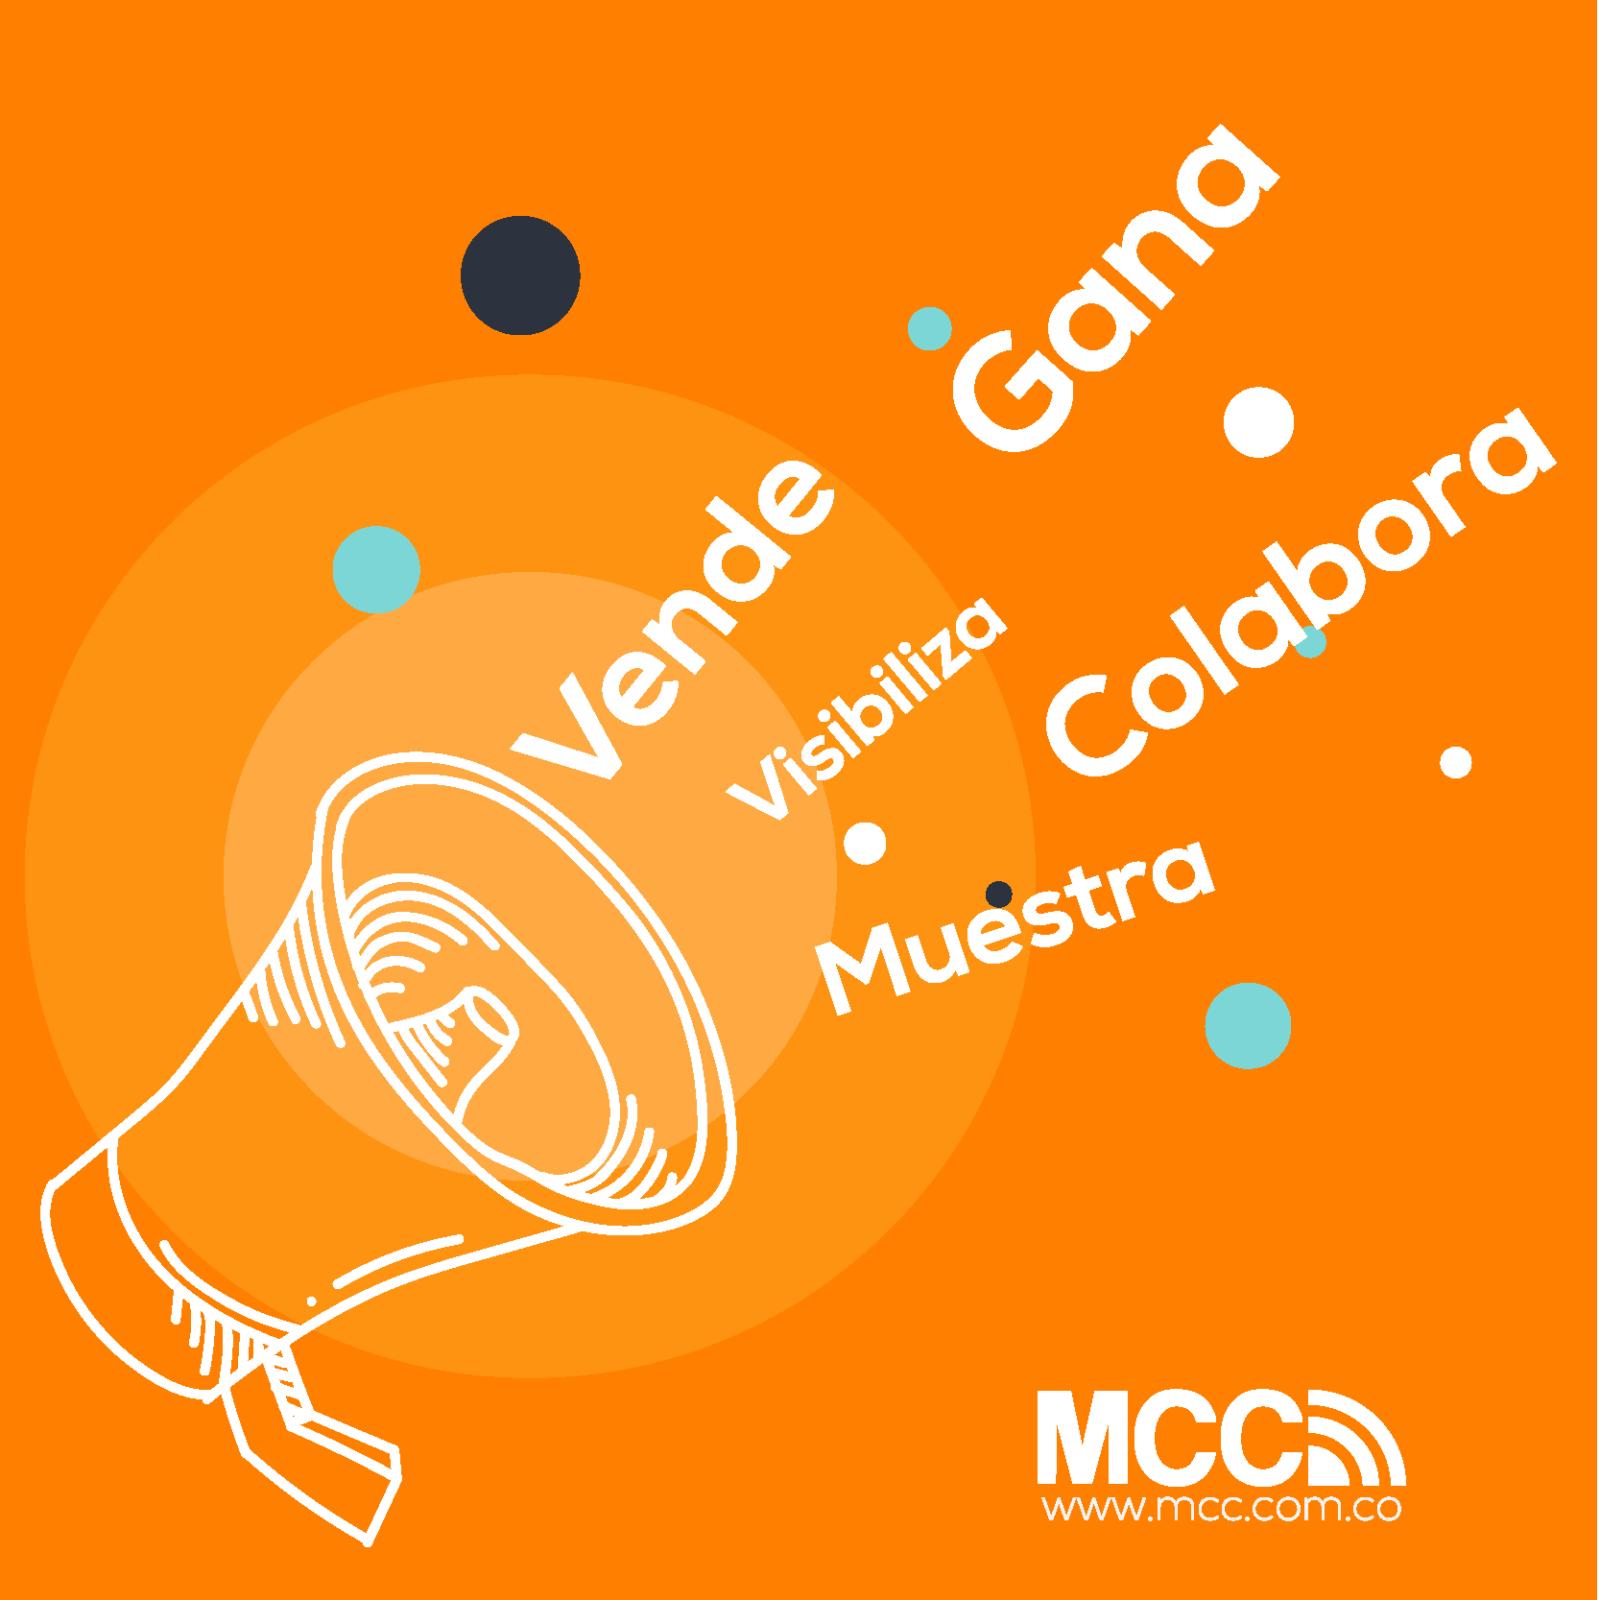 Frases Publicitarias Que Te Ayudarán A Vender Mcc Bpo Sas